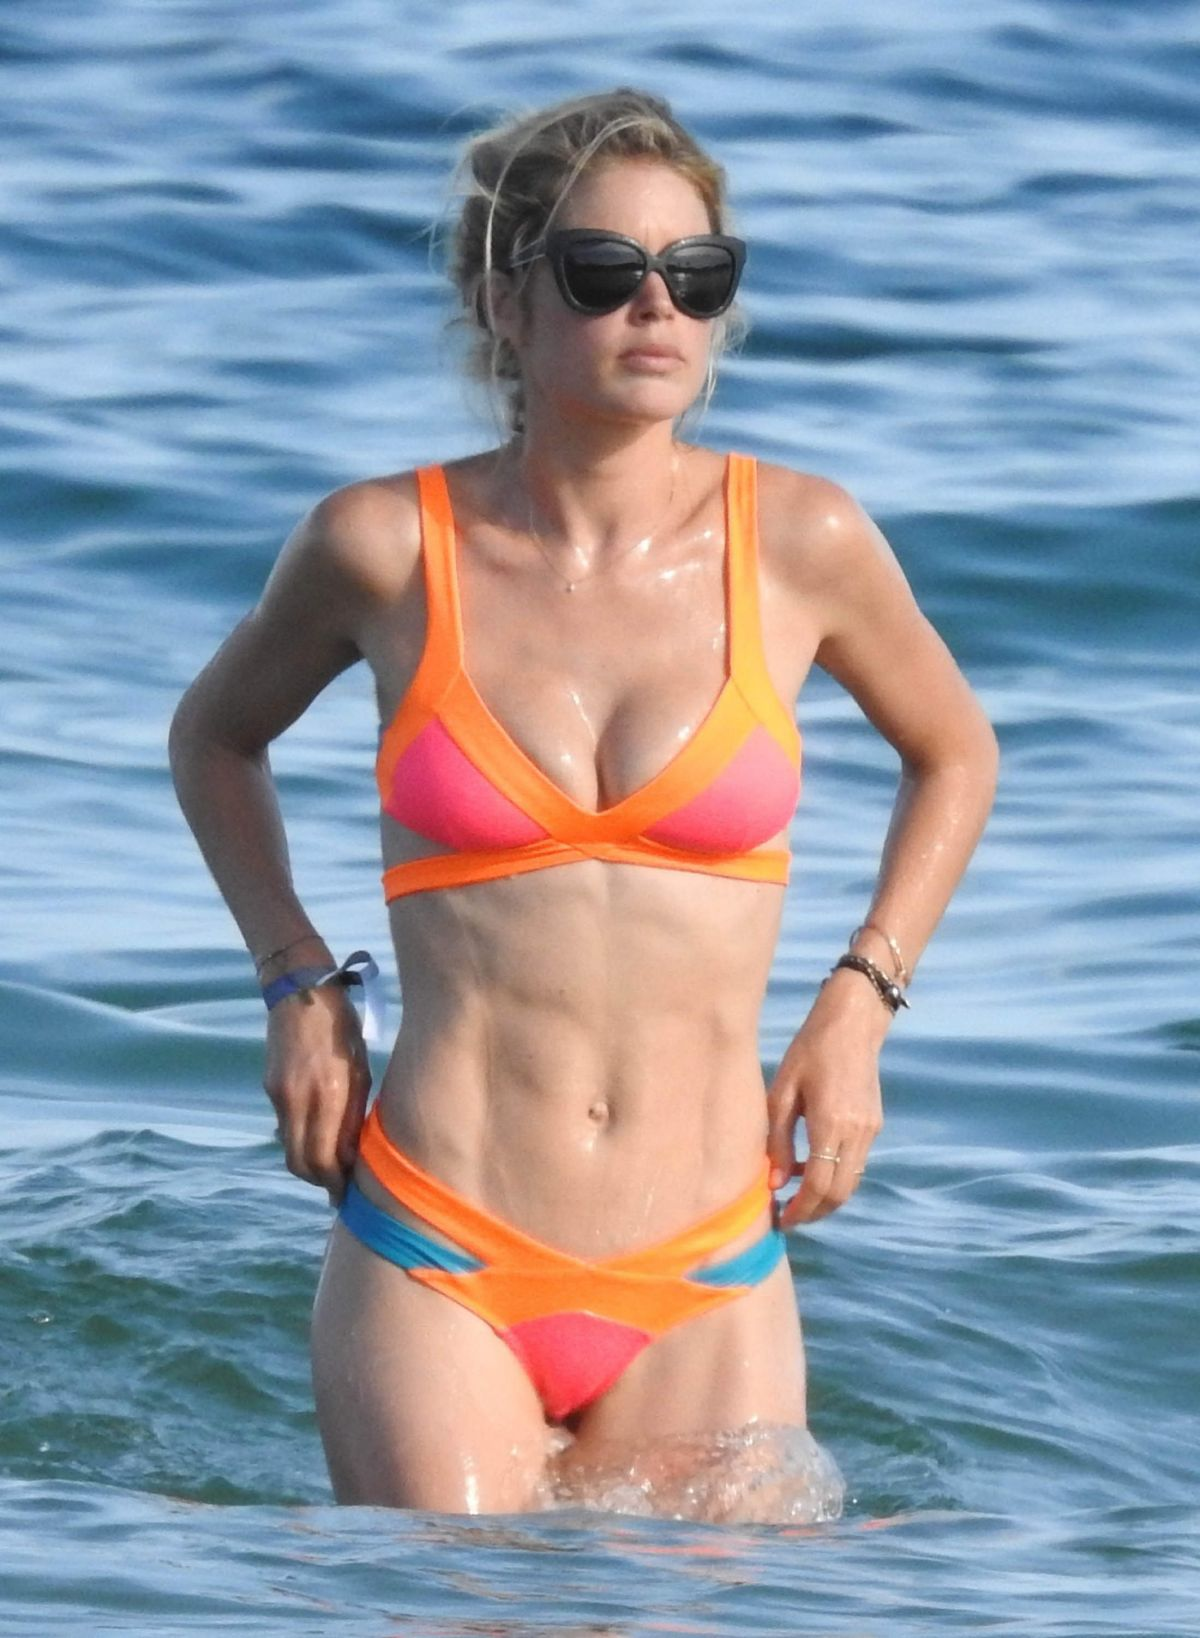 Doutzen kroes in bikini at the beach in ibiza